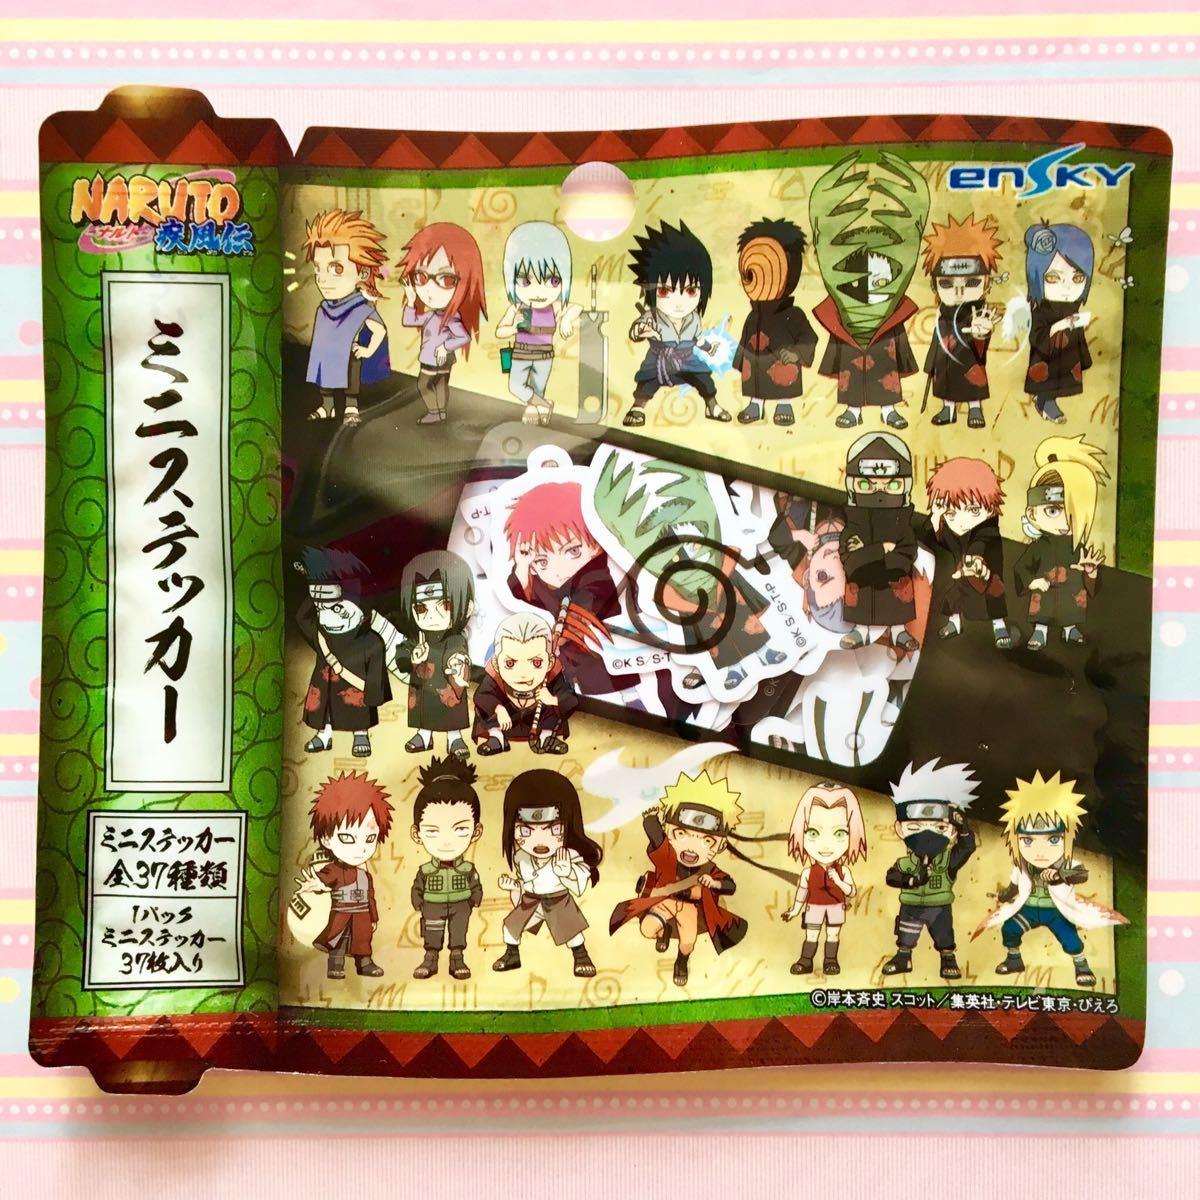 新品】NARUTO☆ミニステッカー 1パック(37枚入り)ナルト